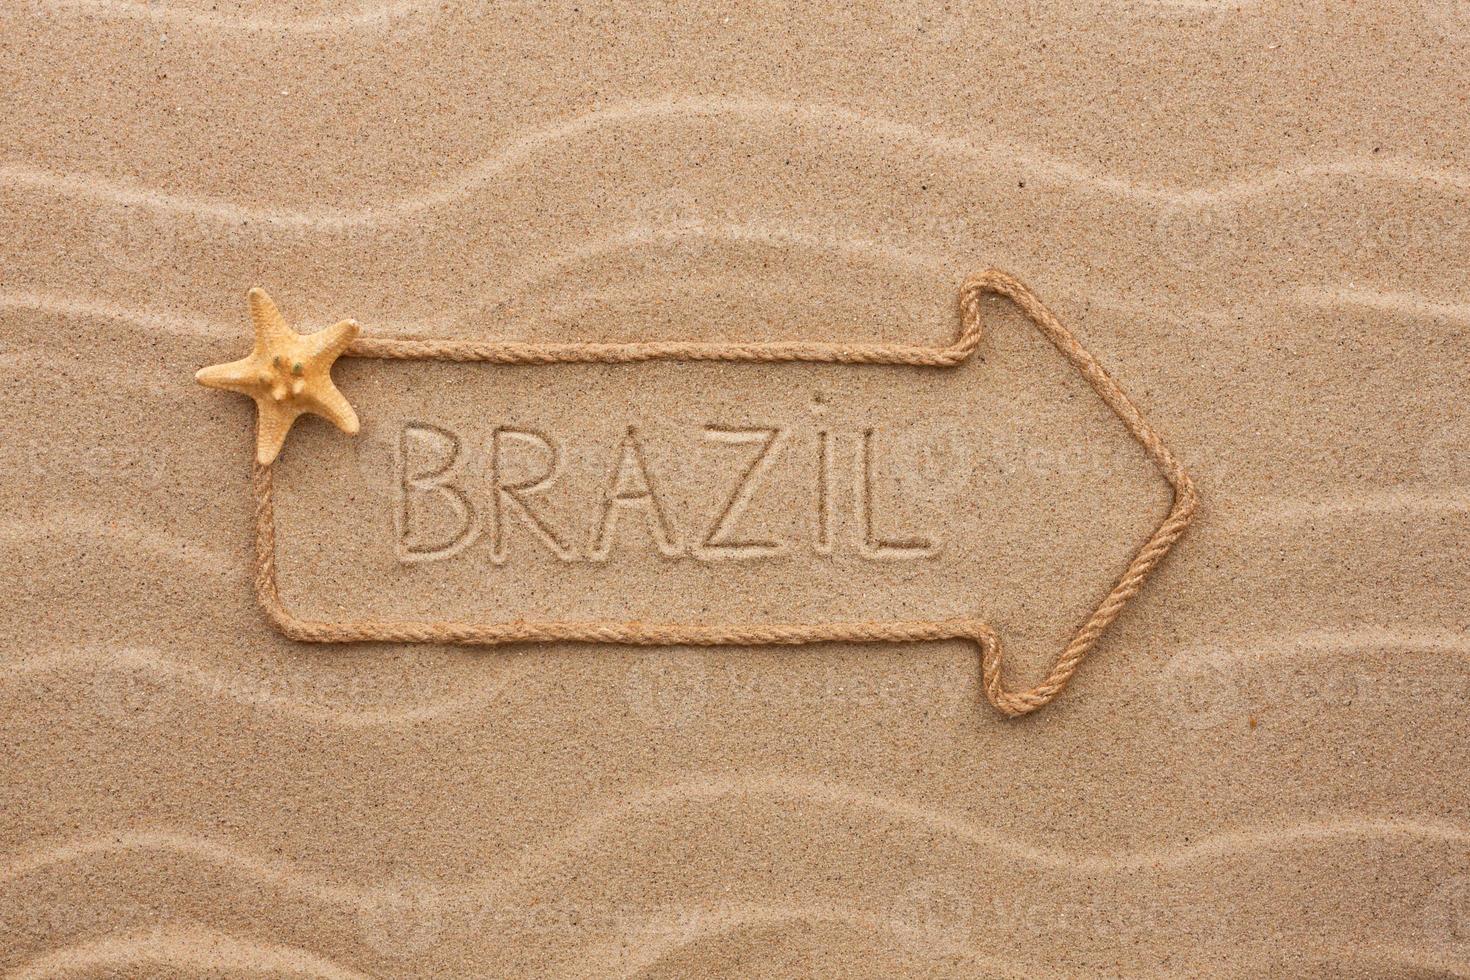 corde de flèche avec le mot brésil sur le sable photo